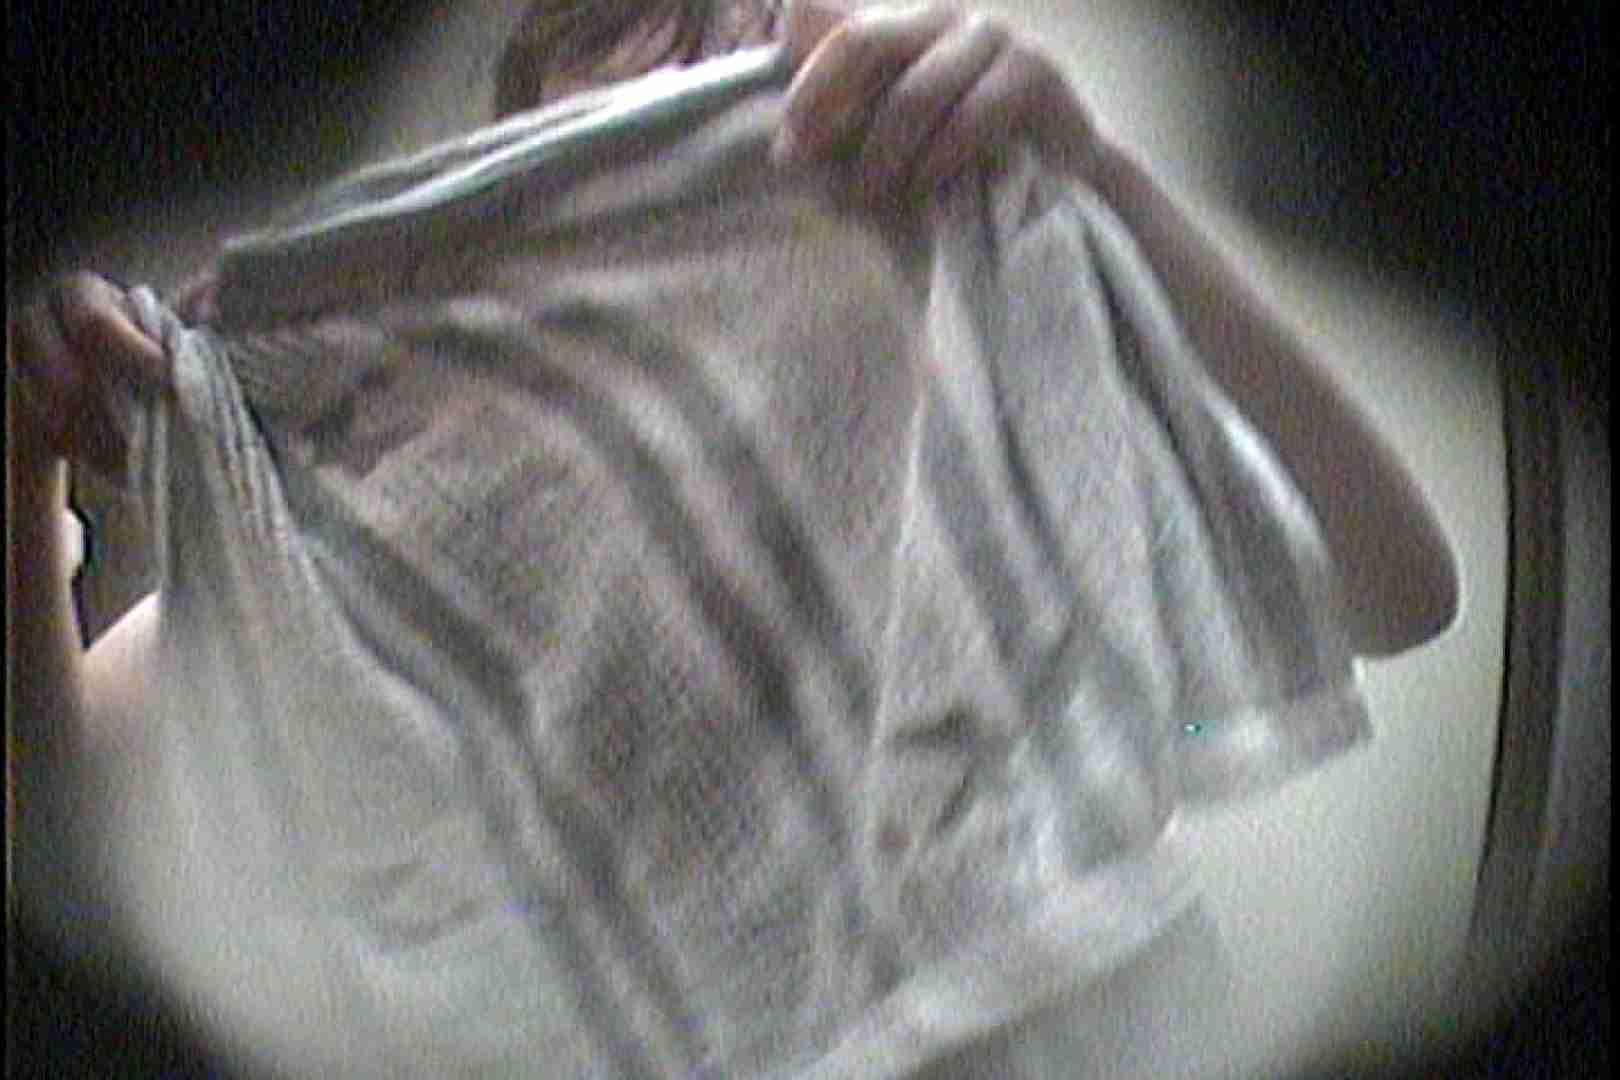 海の家の更衣室 Vol.22 ギャル達 オメコ無修正動画無料 105枚 74